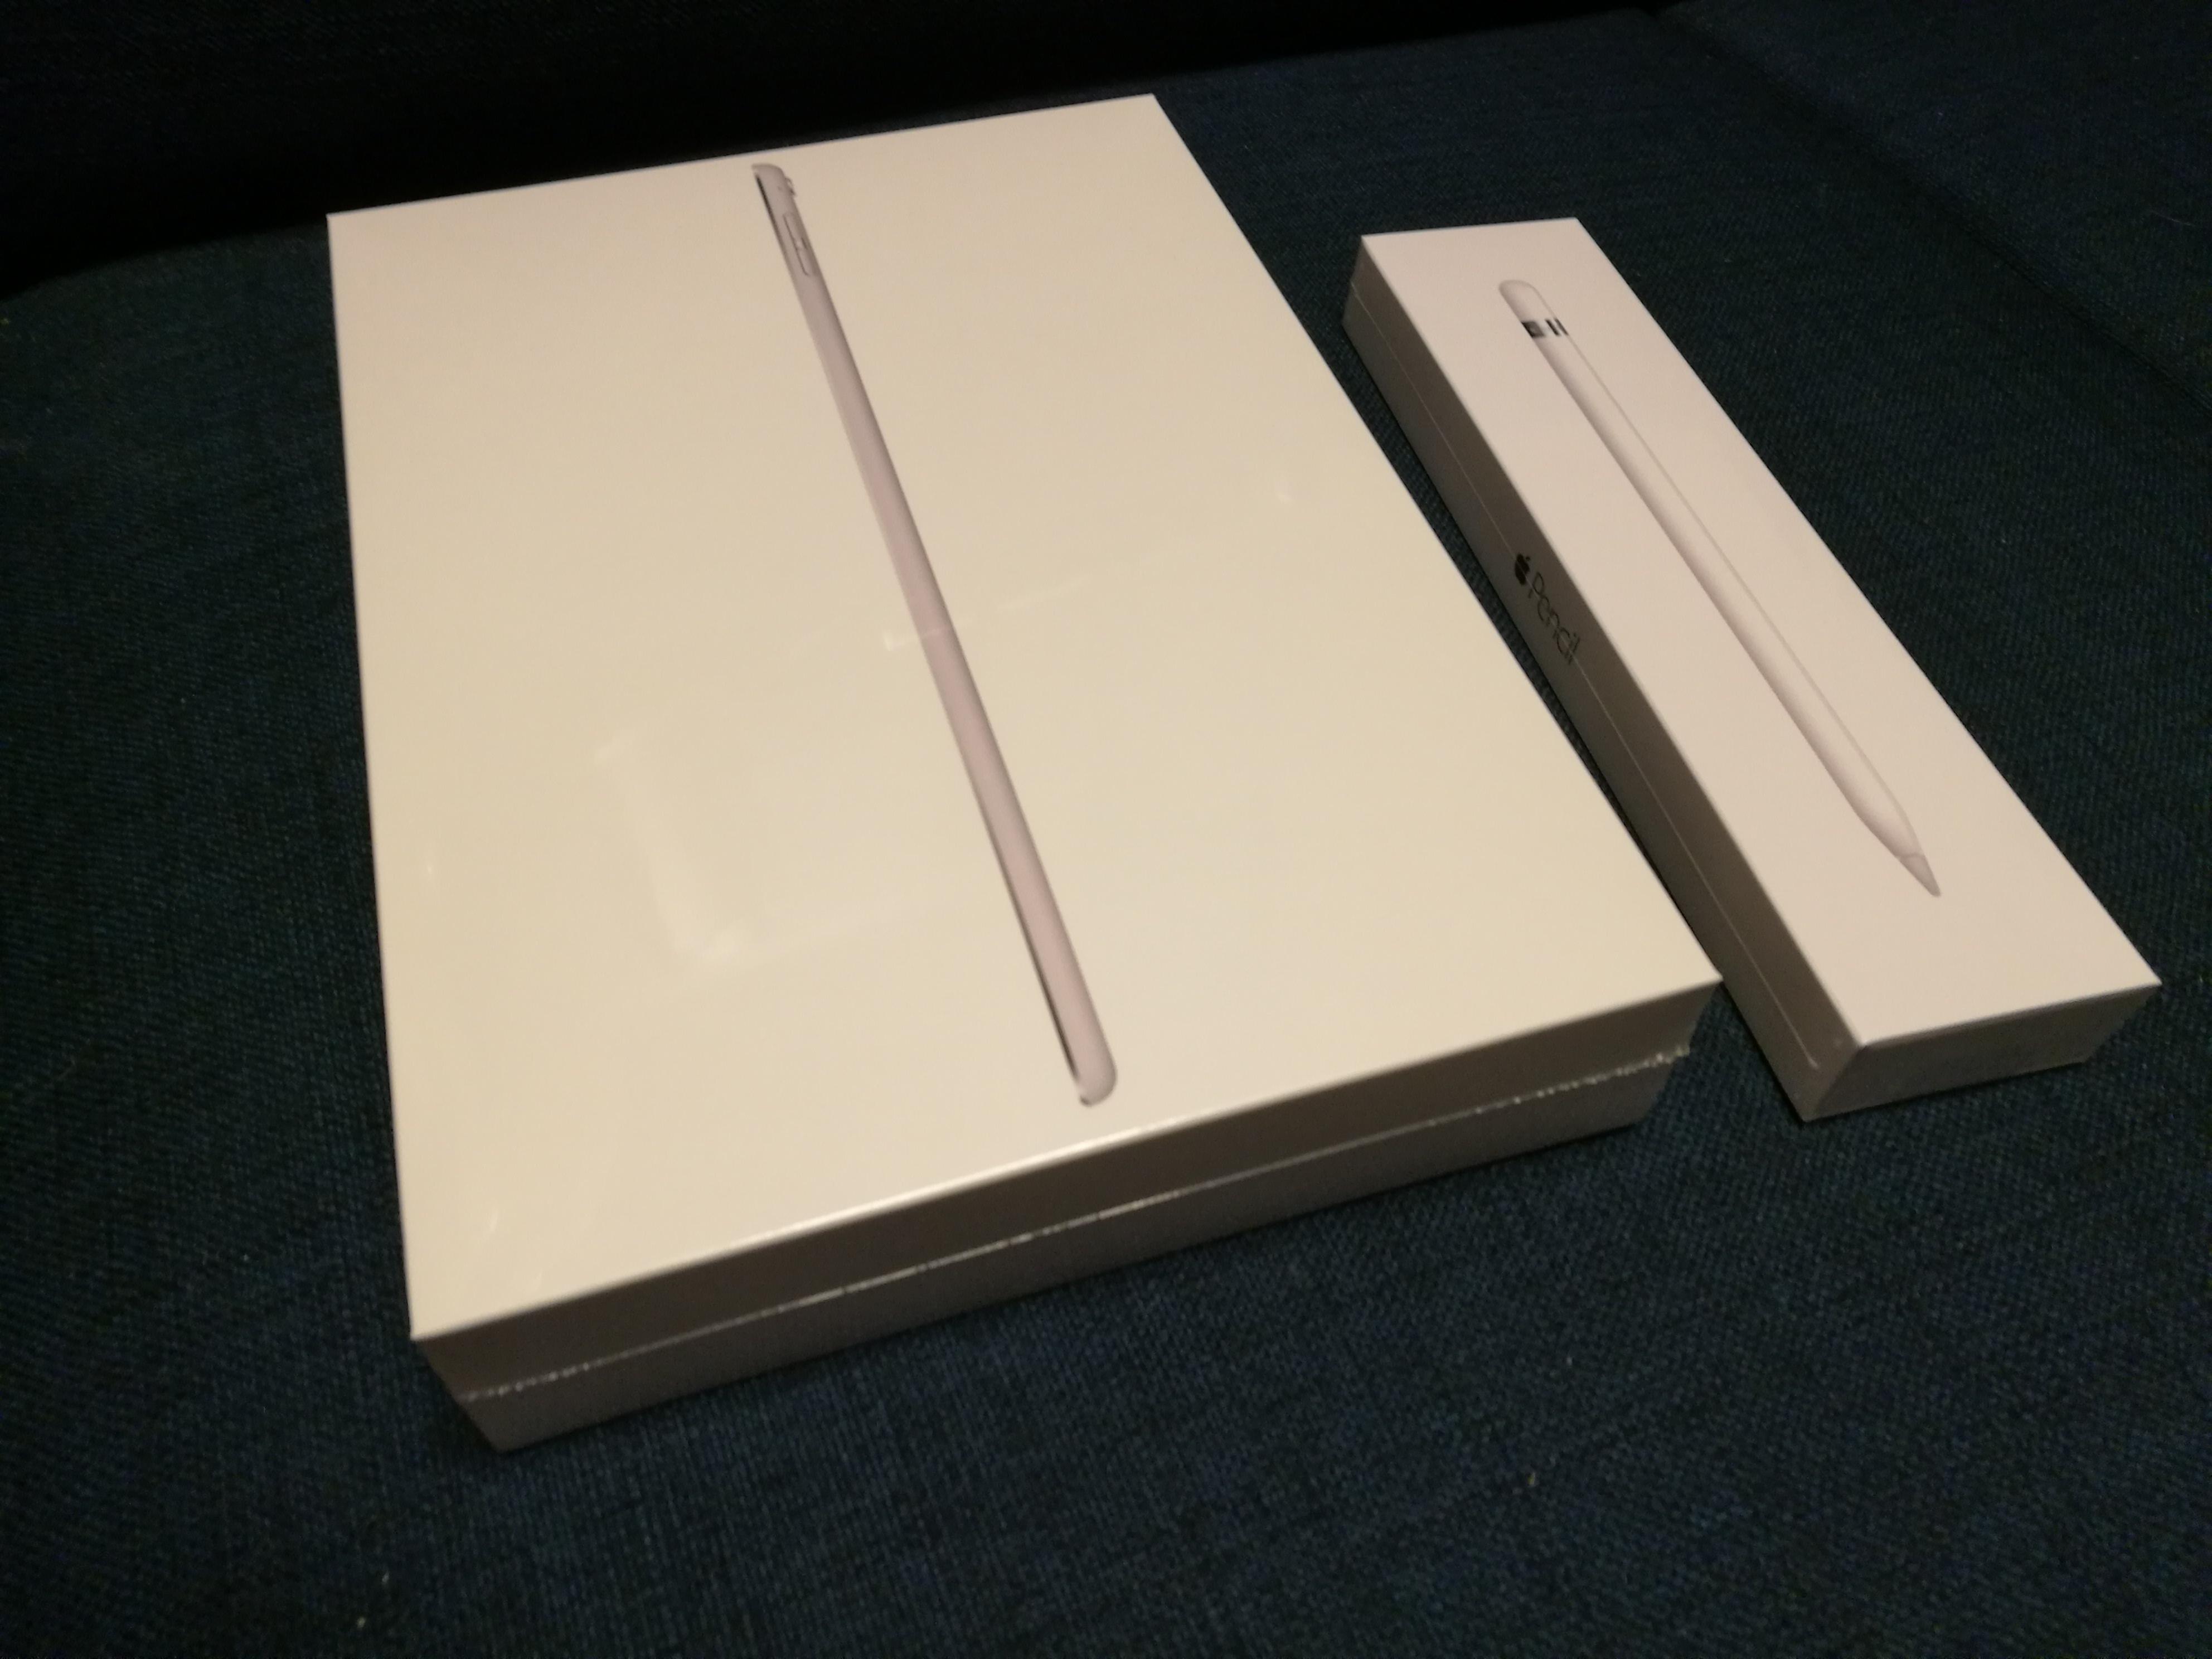 iPad Pro 9.7インチとApple Pencil